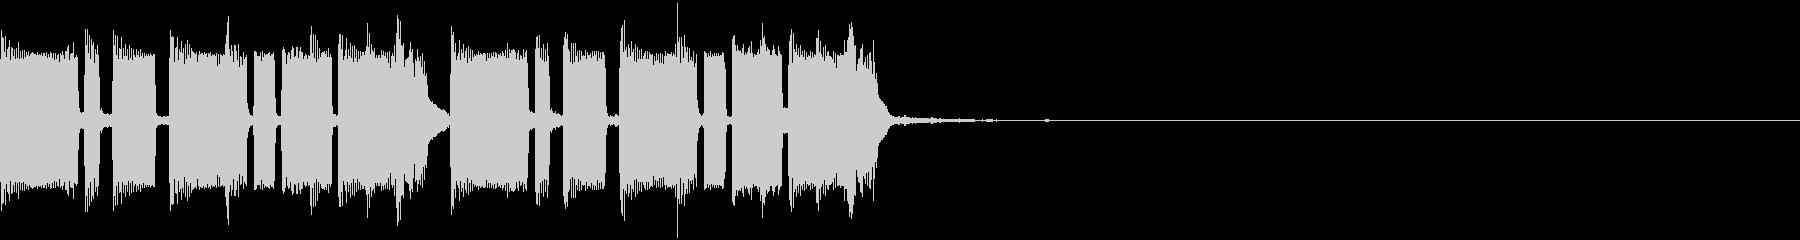 不気味・重低音・コミカル・EDMジングルの未再生の波形